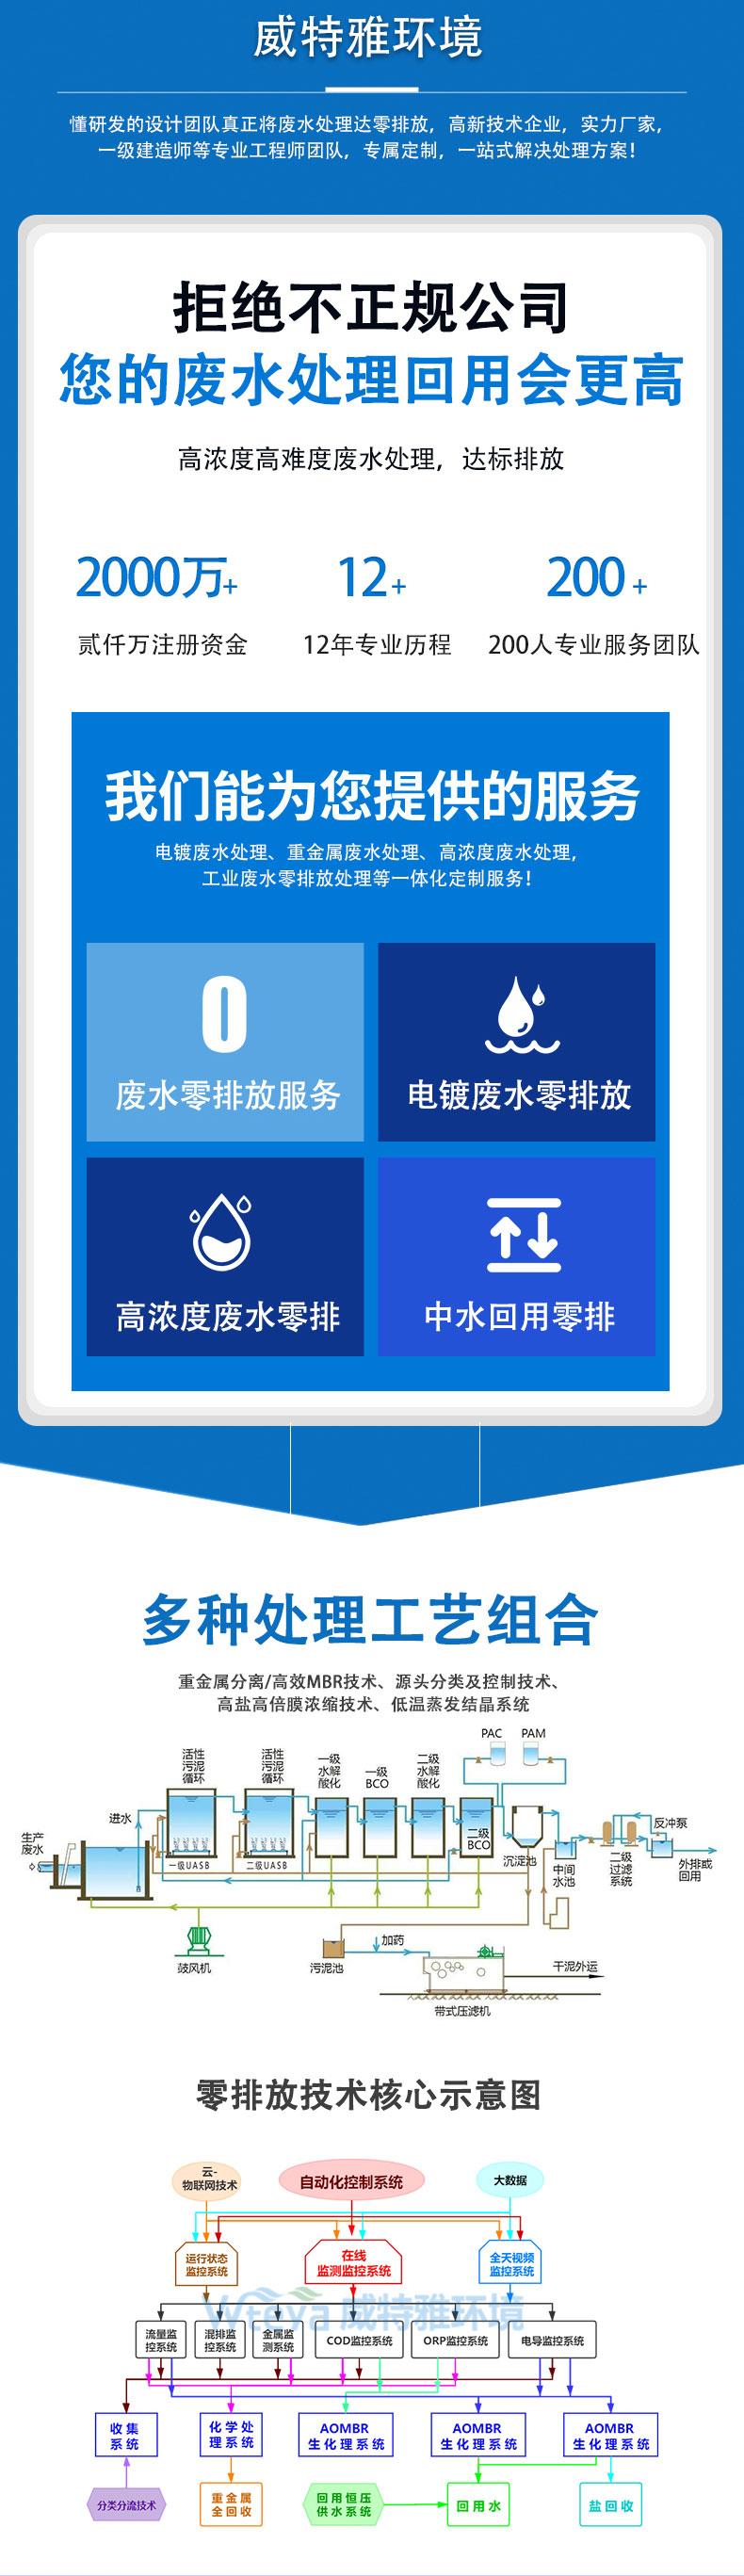 威特雅-废水处理污水处理_02.jpg